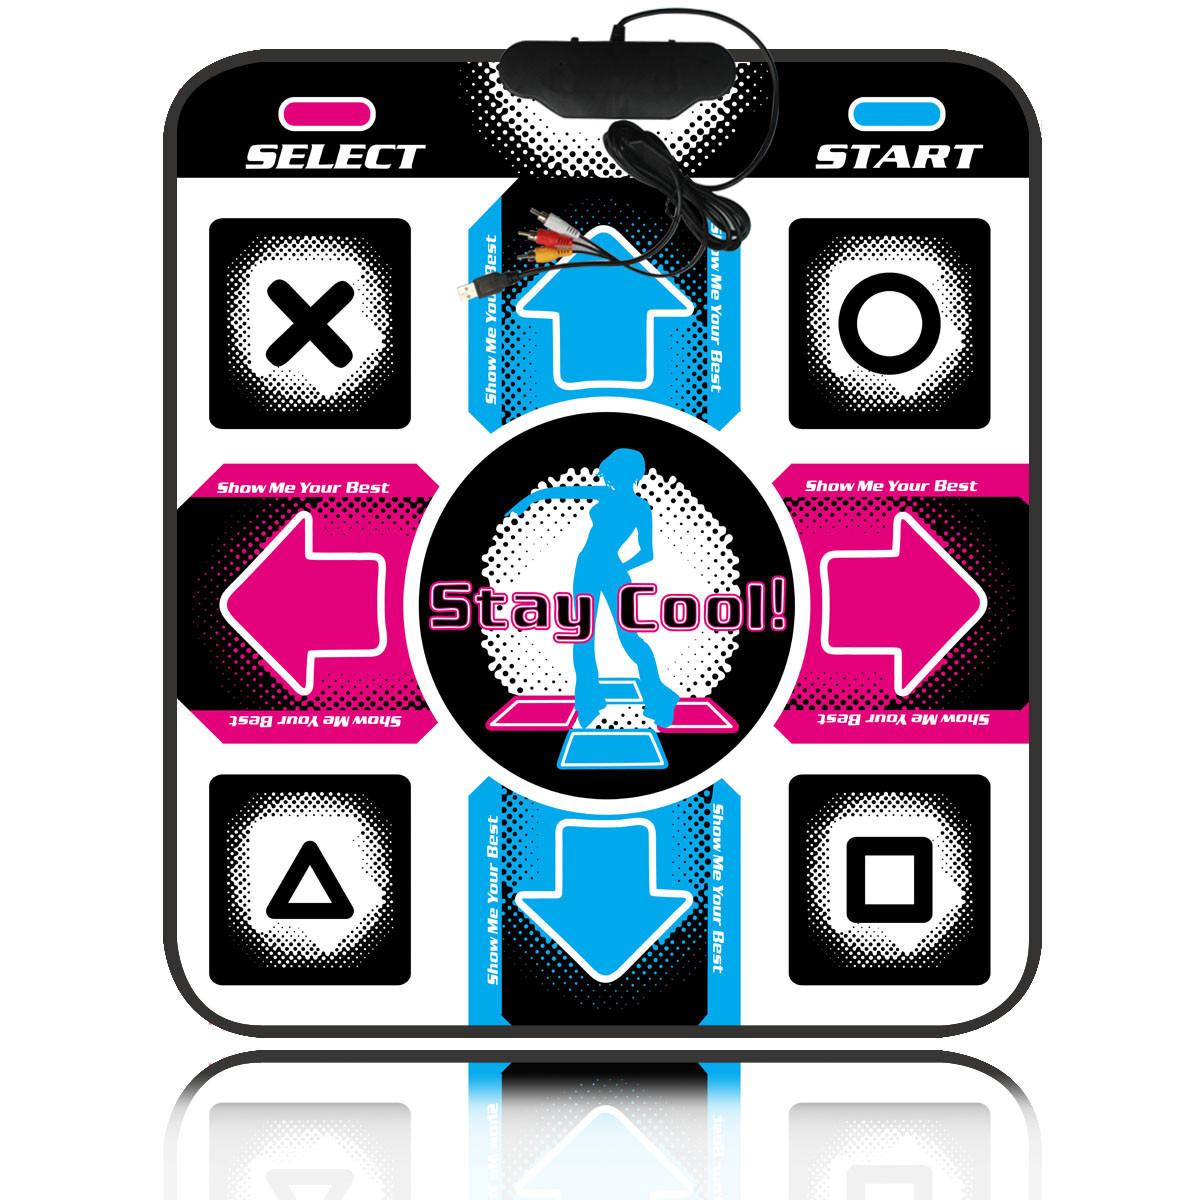 Танцевальный коврик для детей на PC с USB X-TREME Dance PAD, развивающий музыкальный коврик